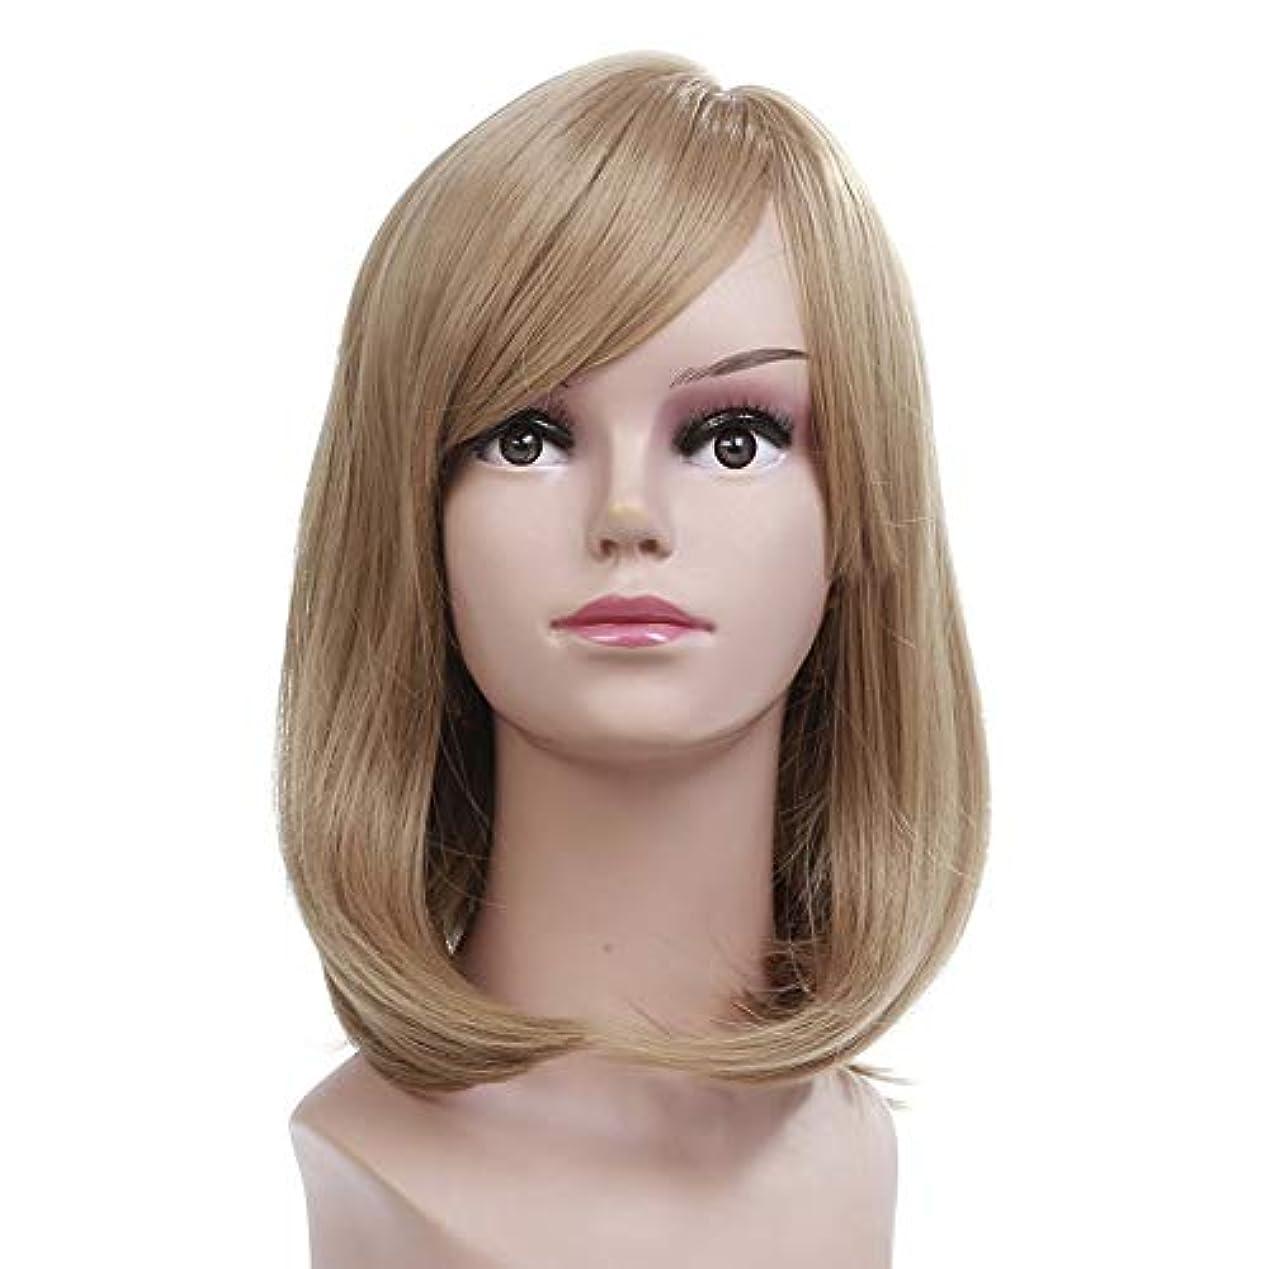 寓話行き当たりばったりはさみWASAIO ブロンドのかつら肩の長さストレートヘア (色 : Blonde)